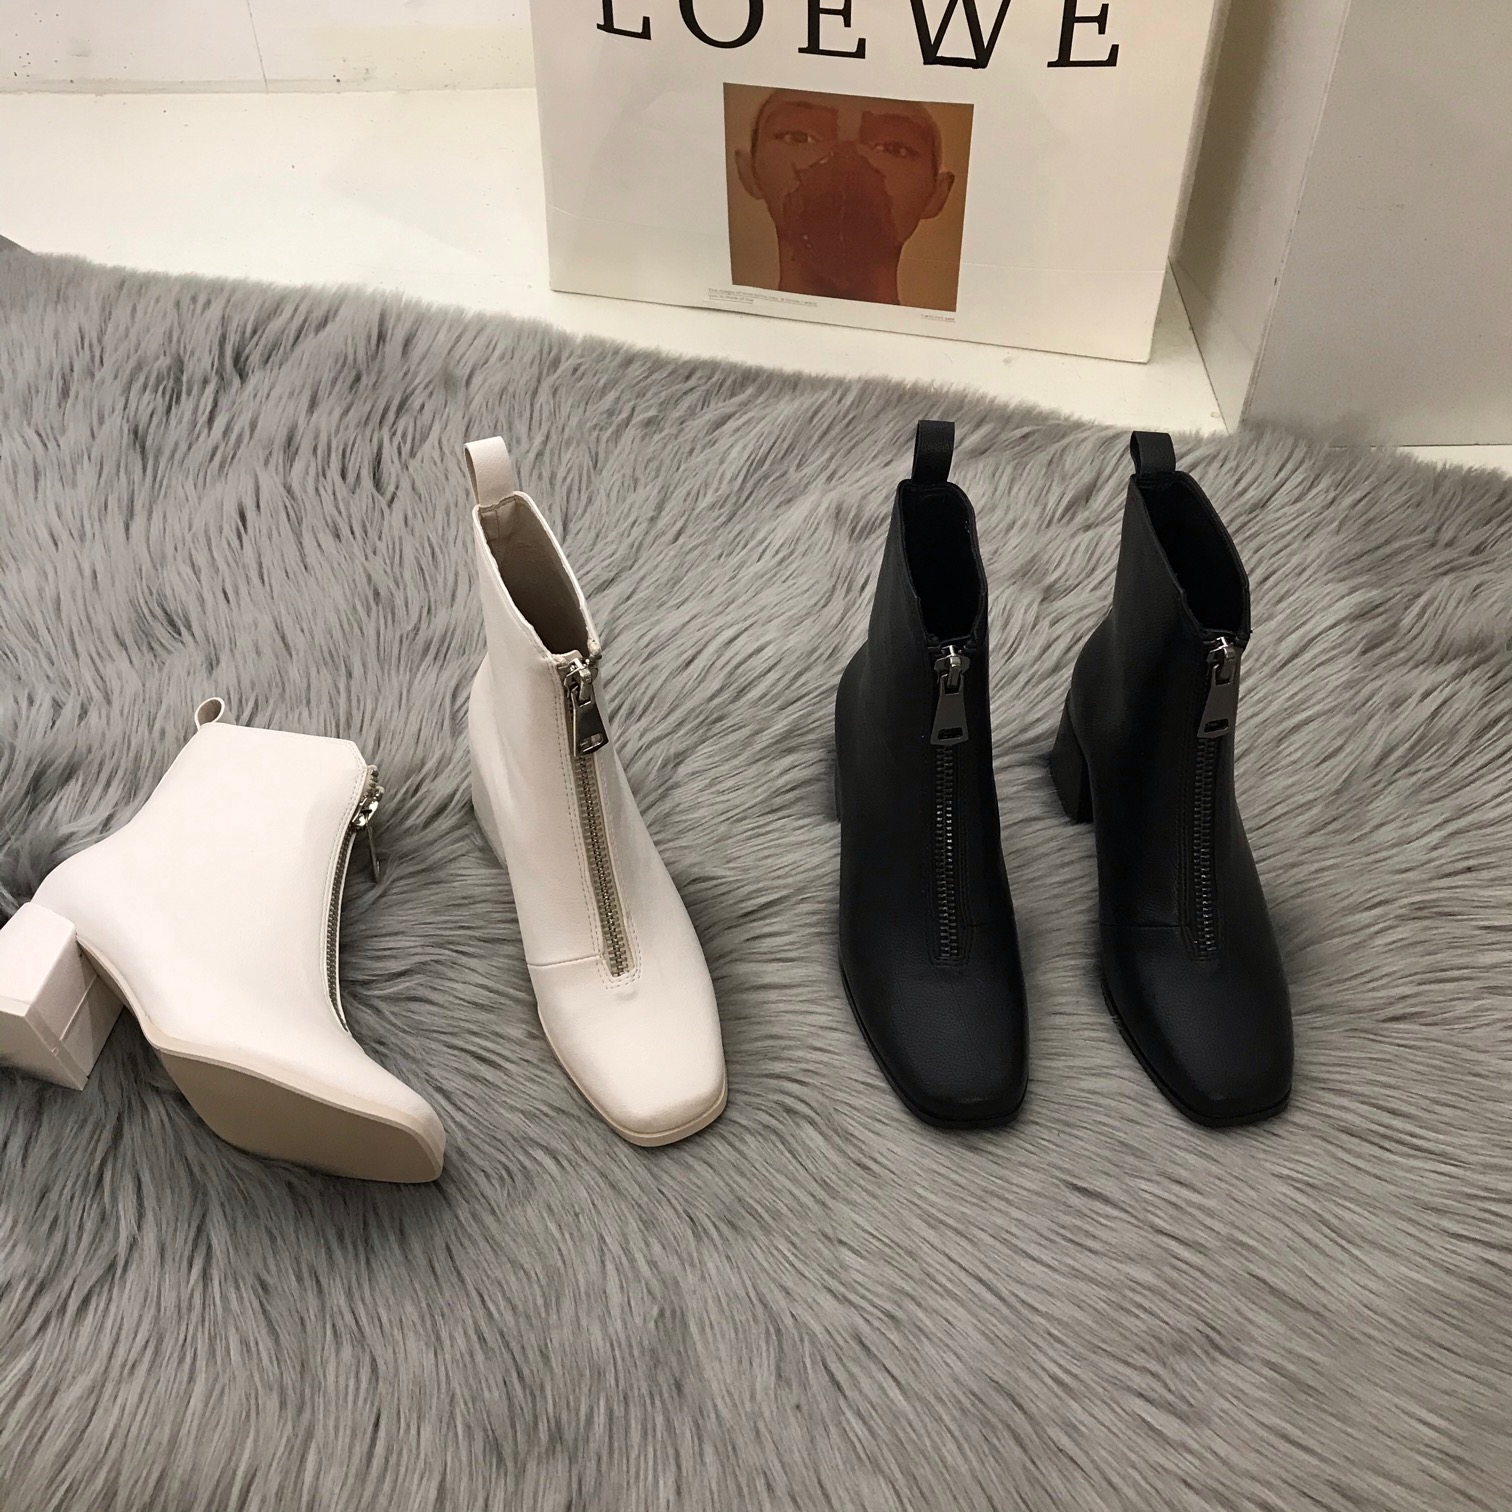 【正版販賣】清倉款不退不換白色瘦瘦馬丁靴女鞋前拉鏈高跟秋冬季方頭小短靴子Anoy BvSx